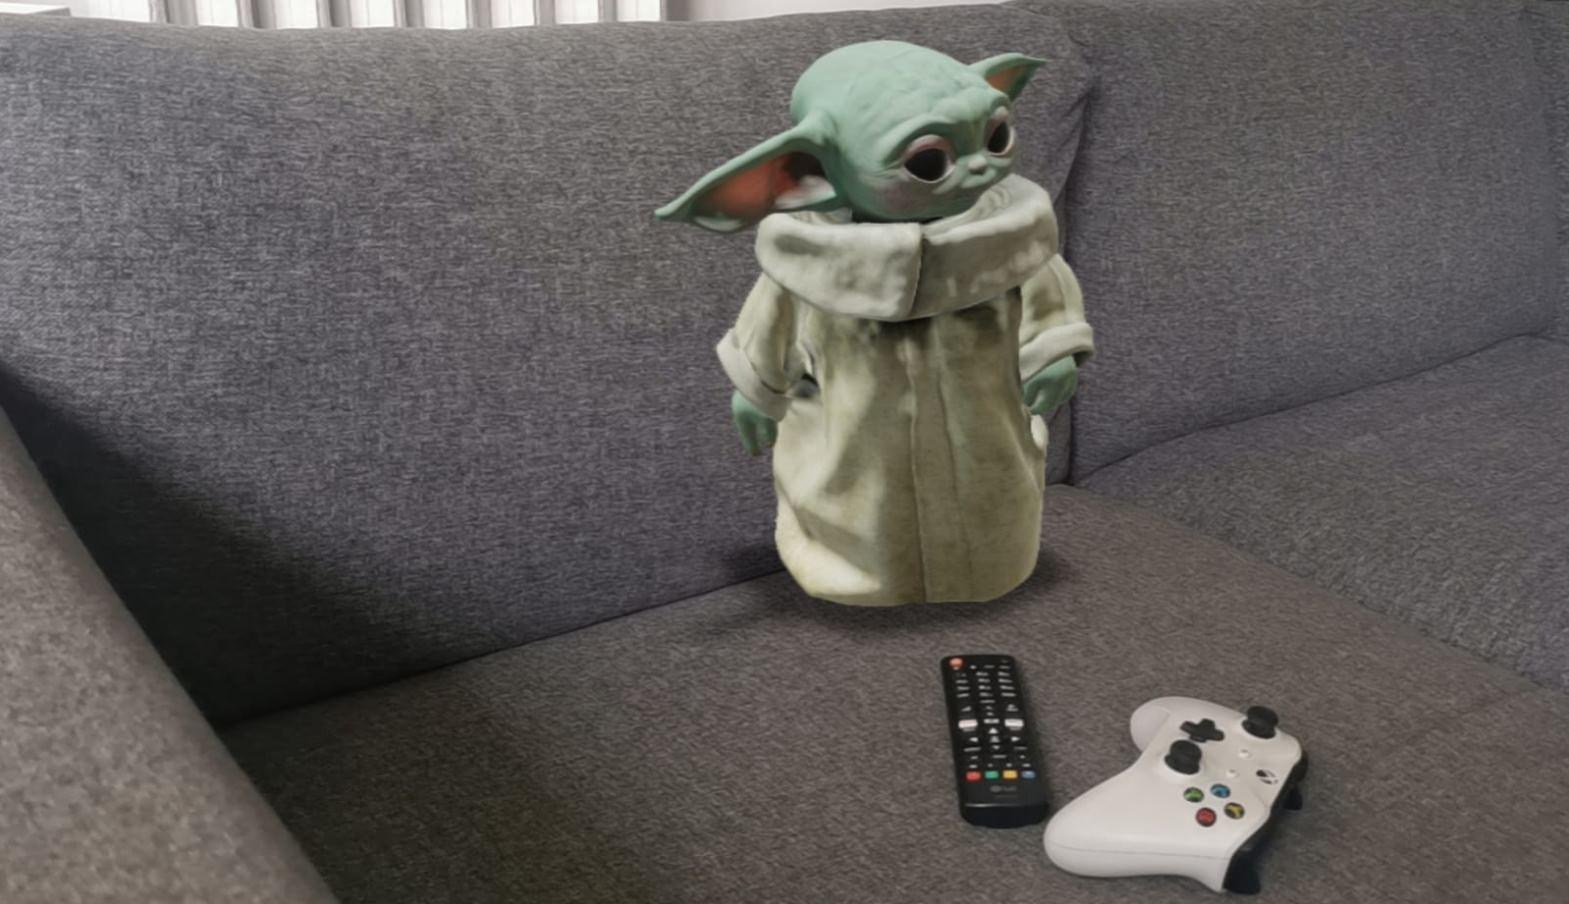 Cómo poner a Grogu – Baby Yoda en el salón de tu casa con Realidad Aumentada, paso a paso